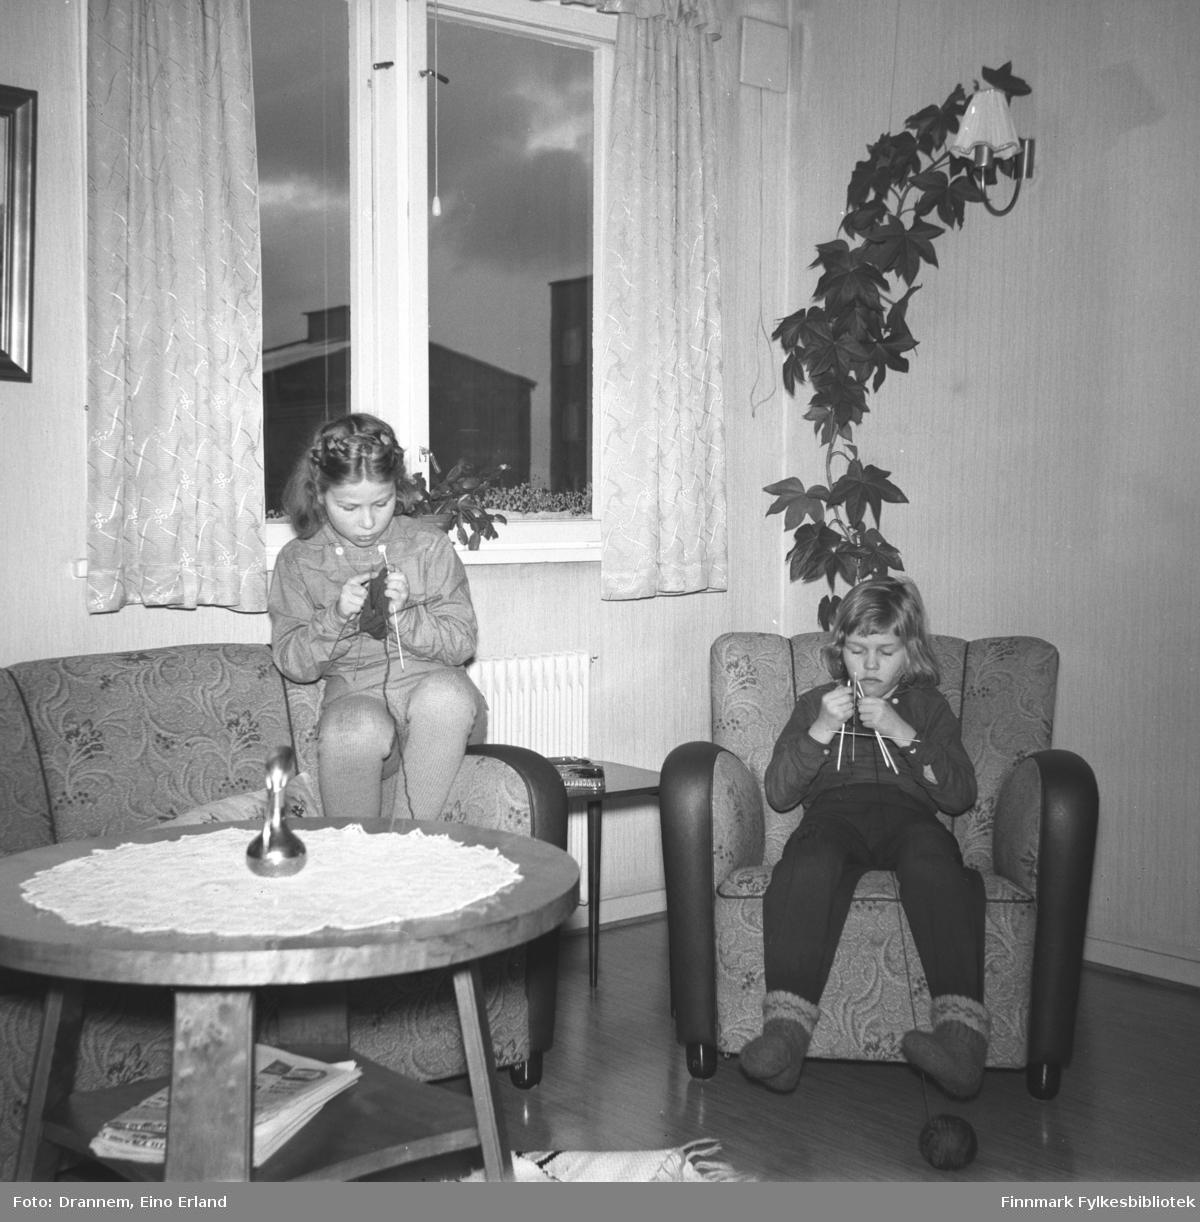 Turid Lillian og Vigdid Hansen sitter og strikker i stua til familien Drannem